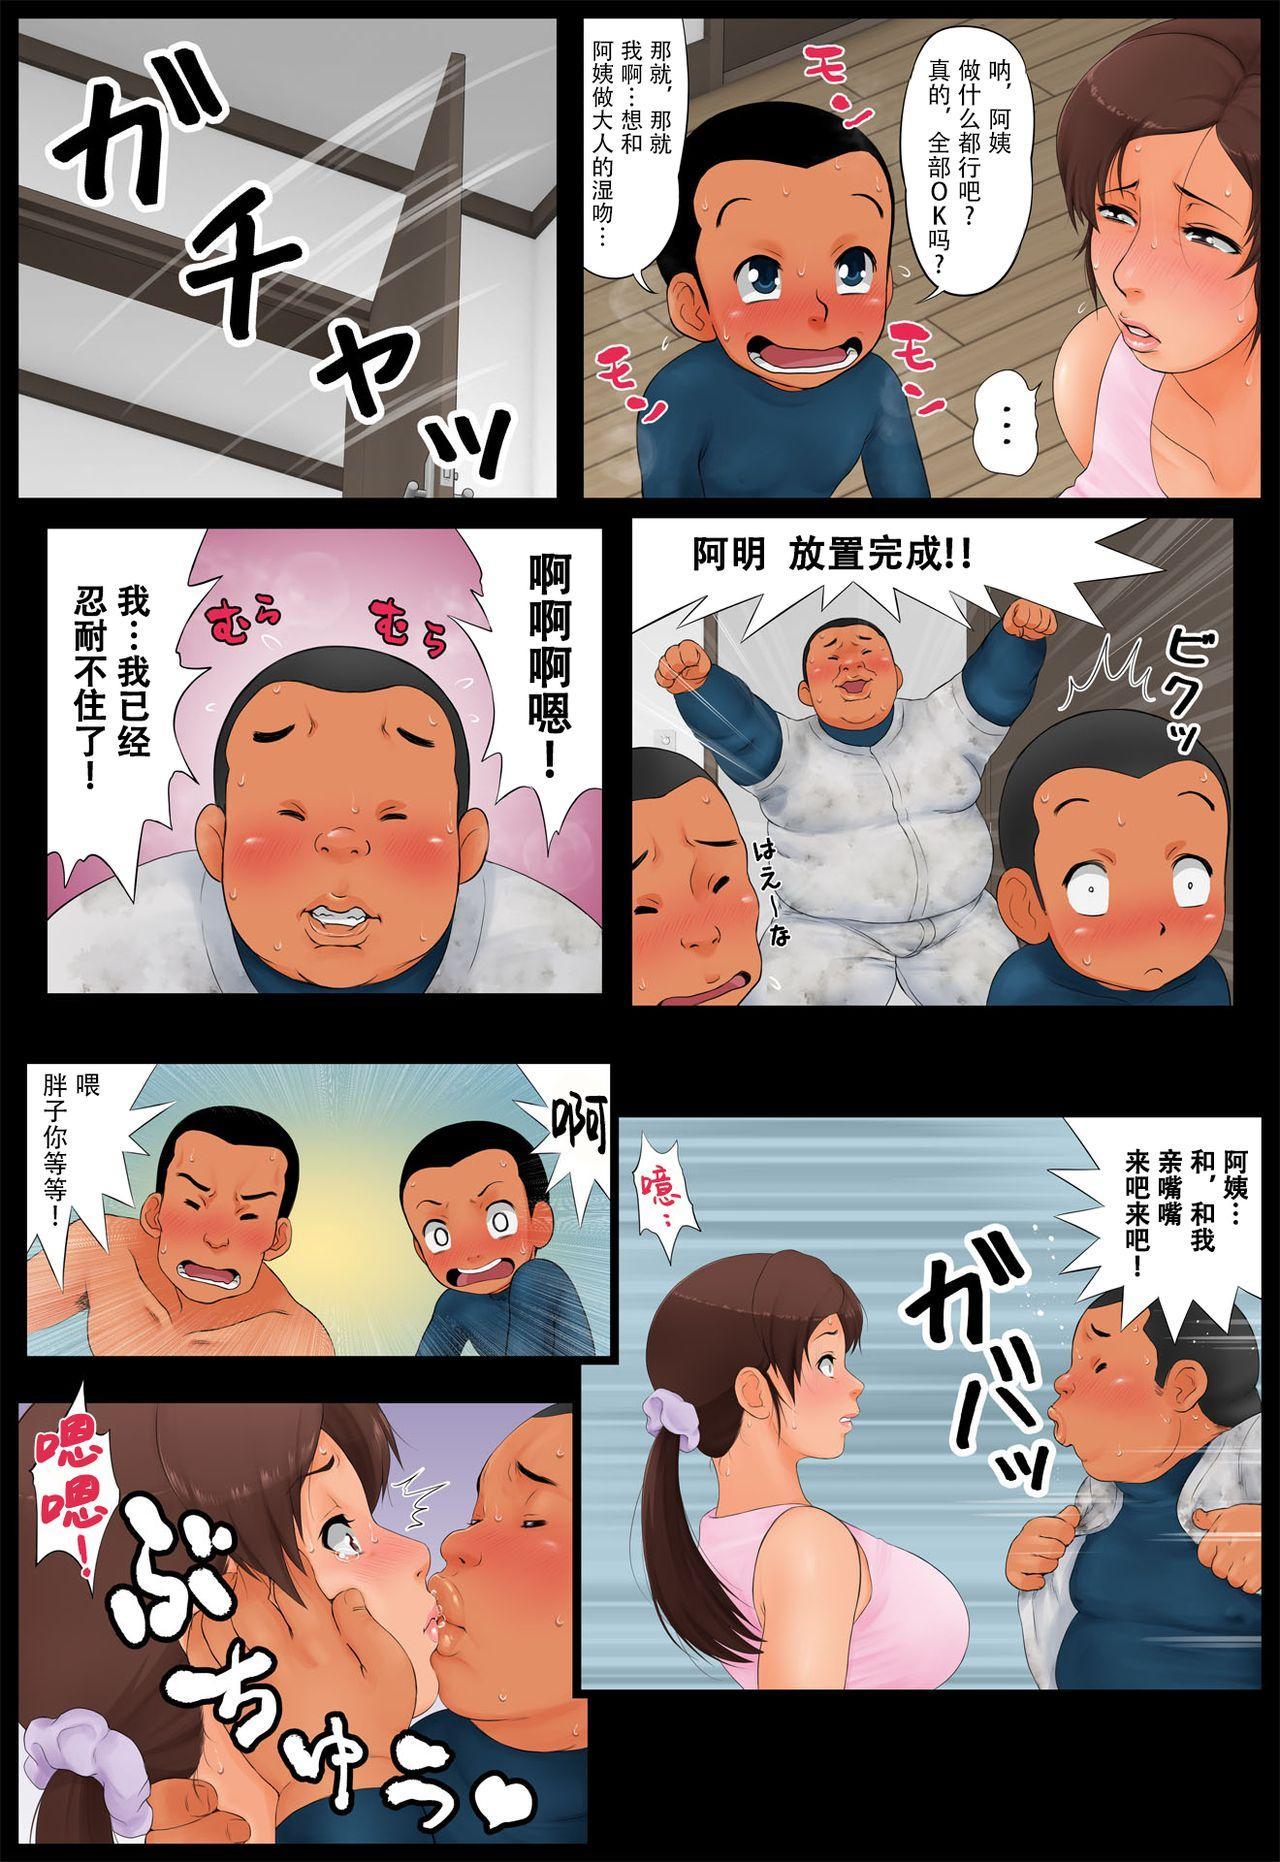 [Rapurando] Musuko no Doukyuusei ni Nerawareta Hahaoya[Chinese]【不可视汉化】 17